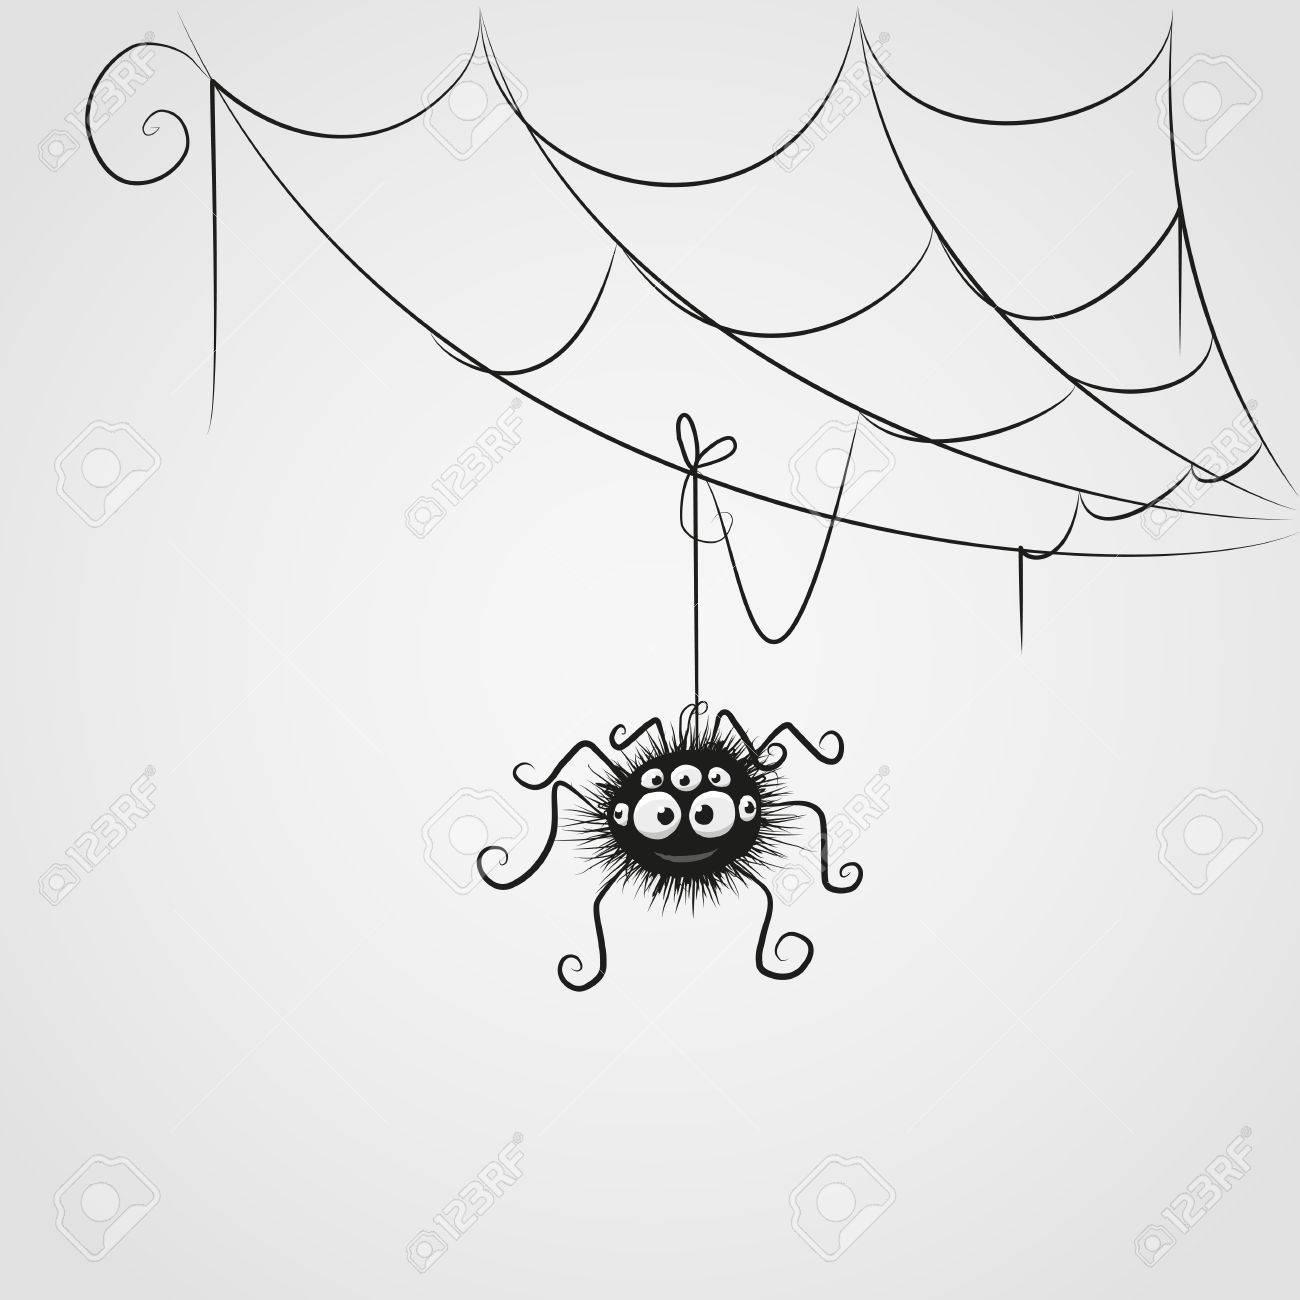 Vettoriale Simpatico Cartone Animato Ragno è Appeso Sul Web Image